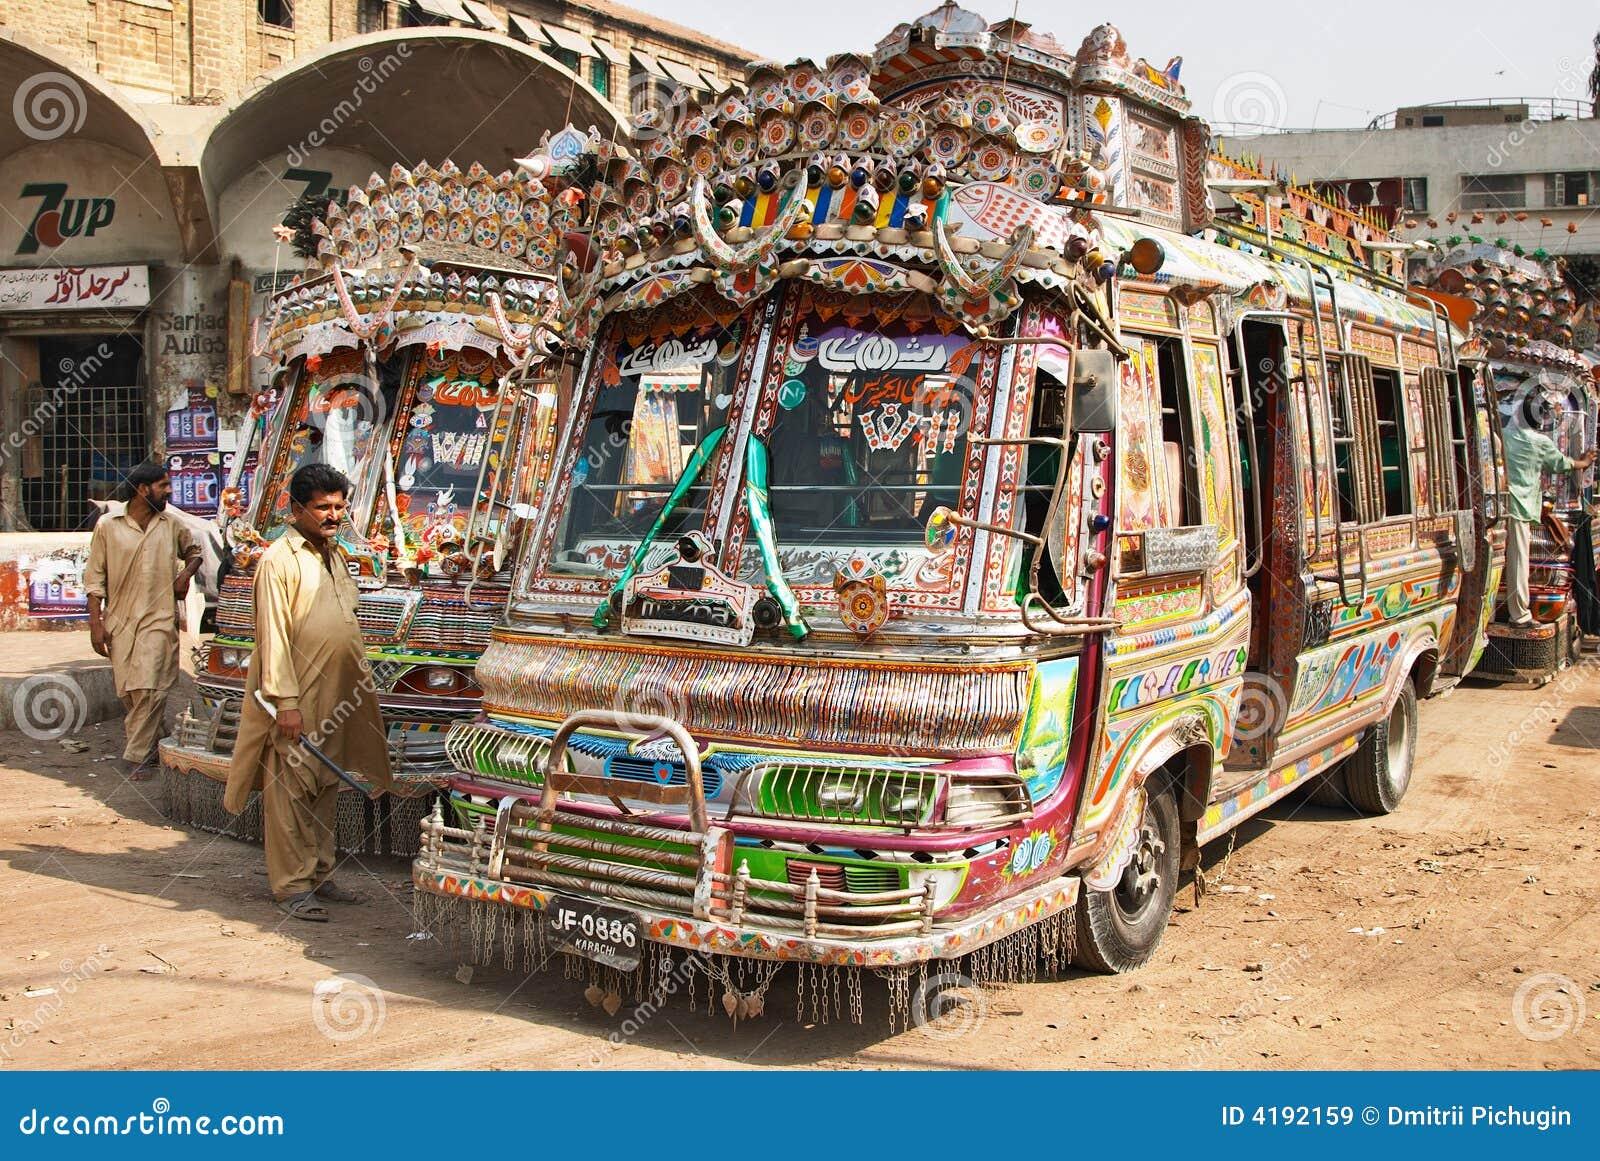 везет местных пакистанцов на автобусе